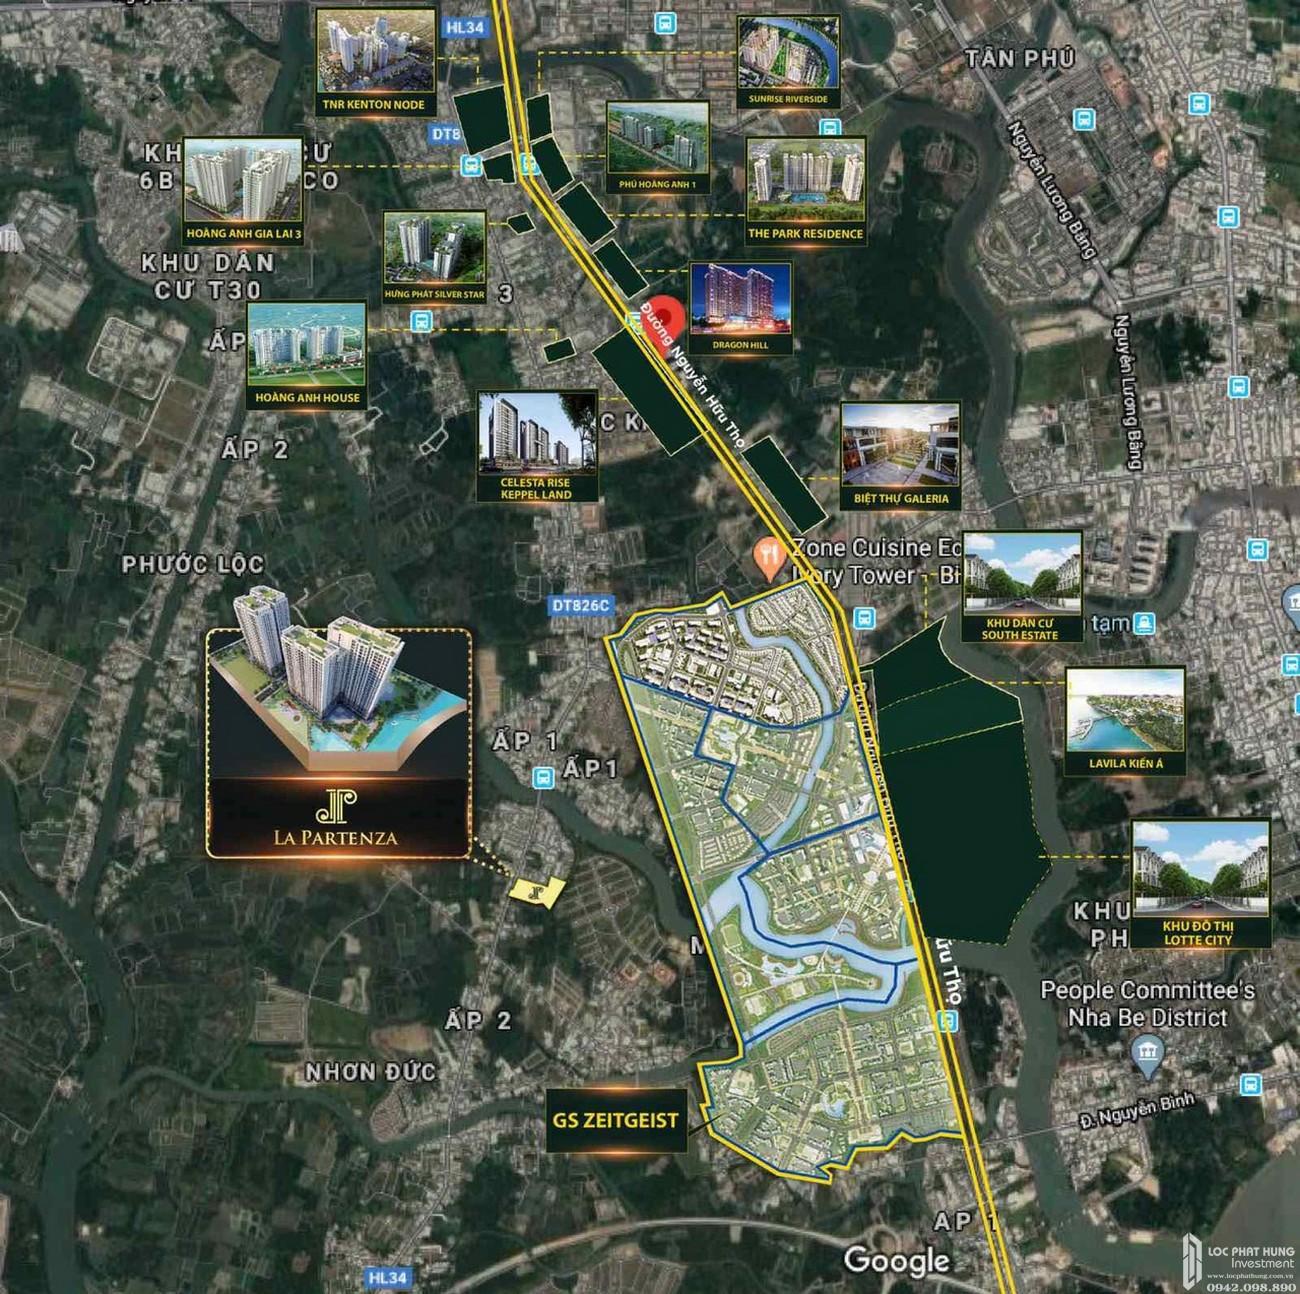 Vị trí đắc địa của dự án La Partenza Nhà Bè